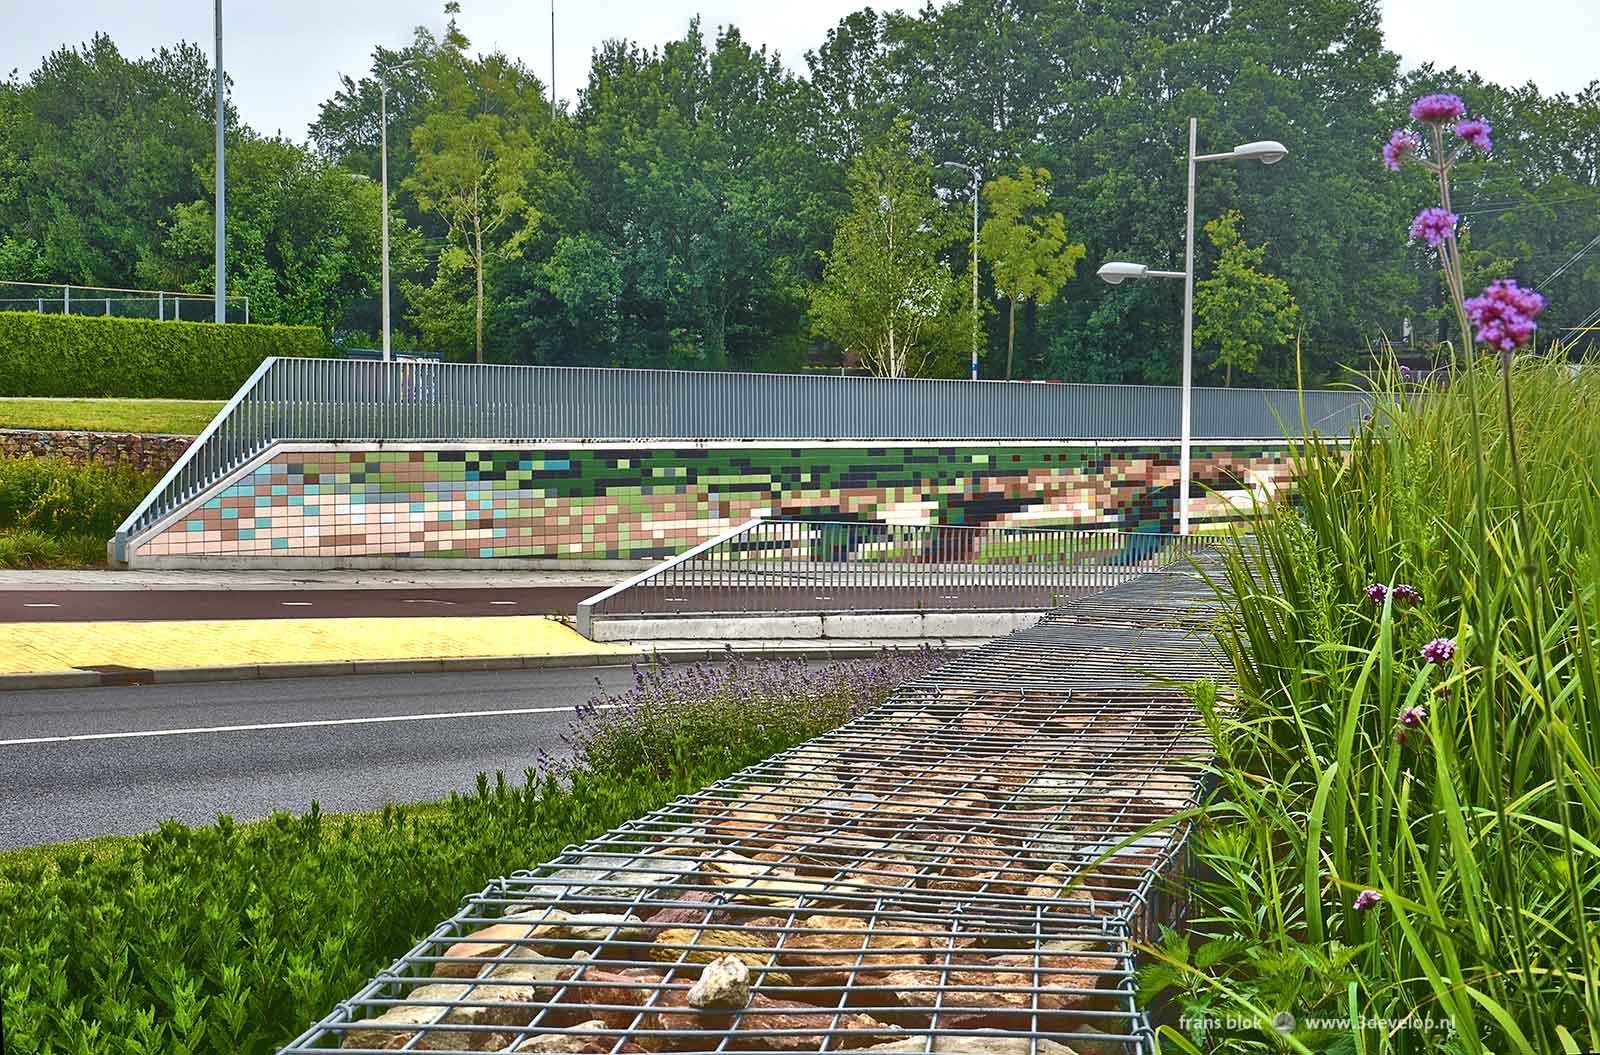 Van Kregtentunnel in Wierden: landscaping